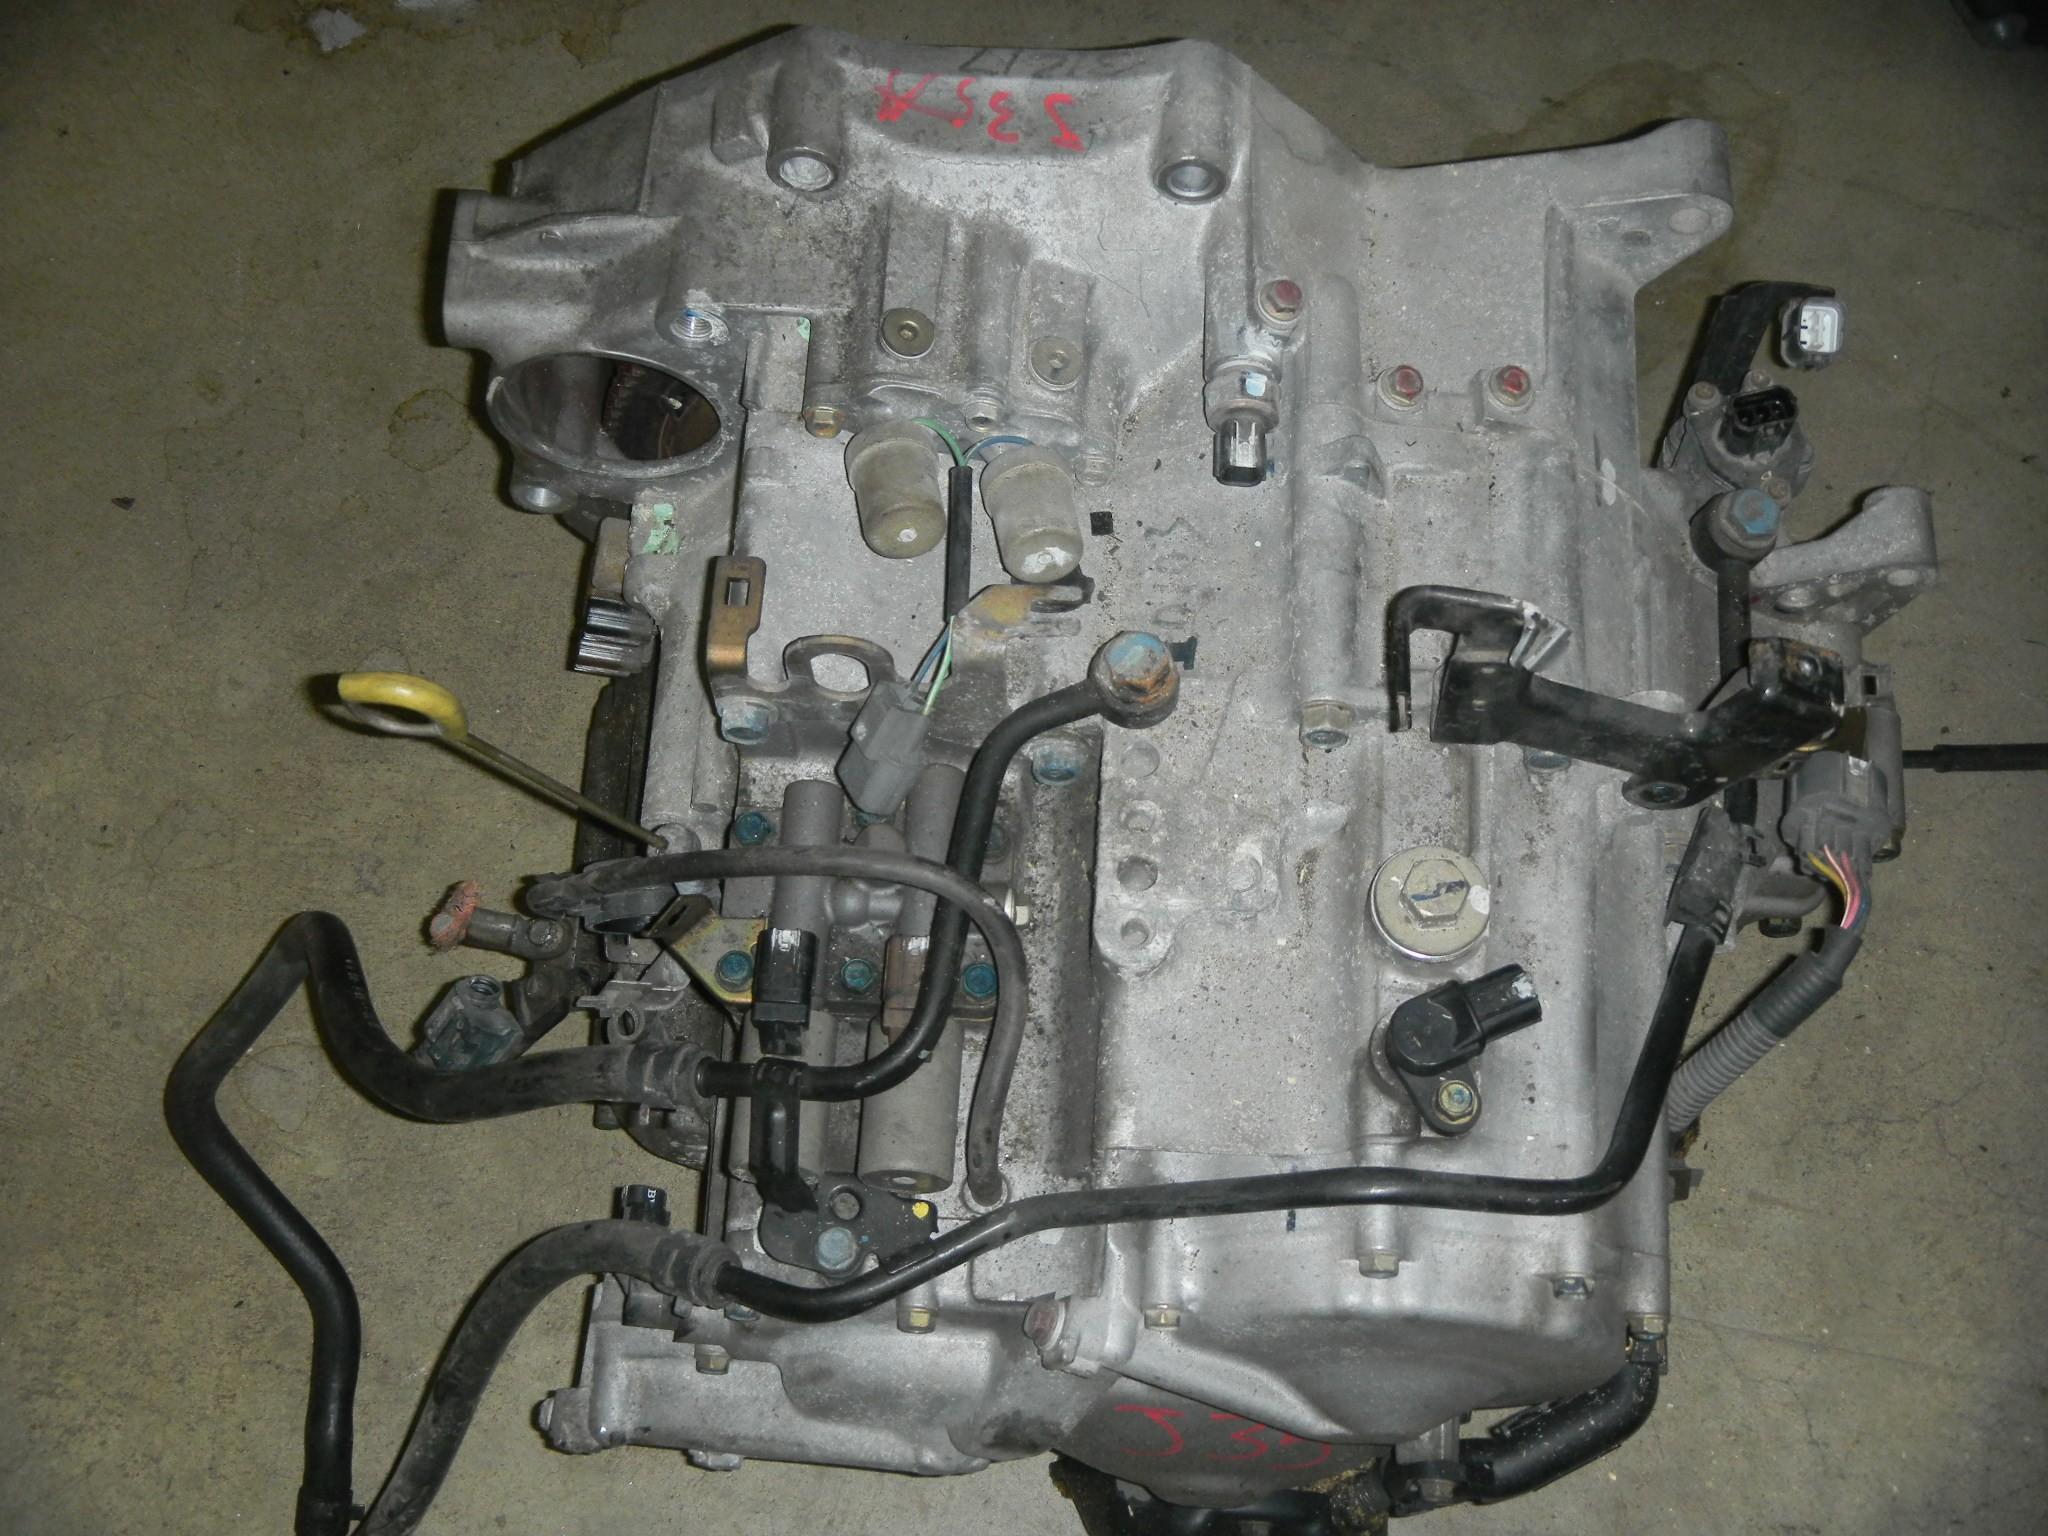 JDM HONDA ODYSSEY 99-01 AUTO TRANSMISSION J35 3.5L VTEC V6